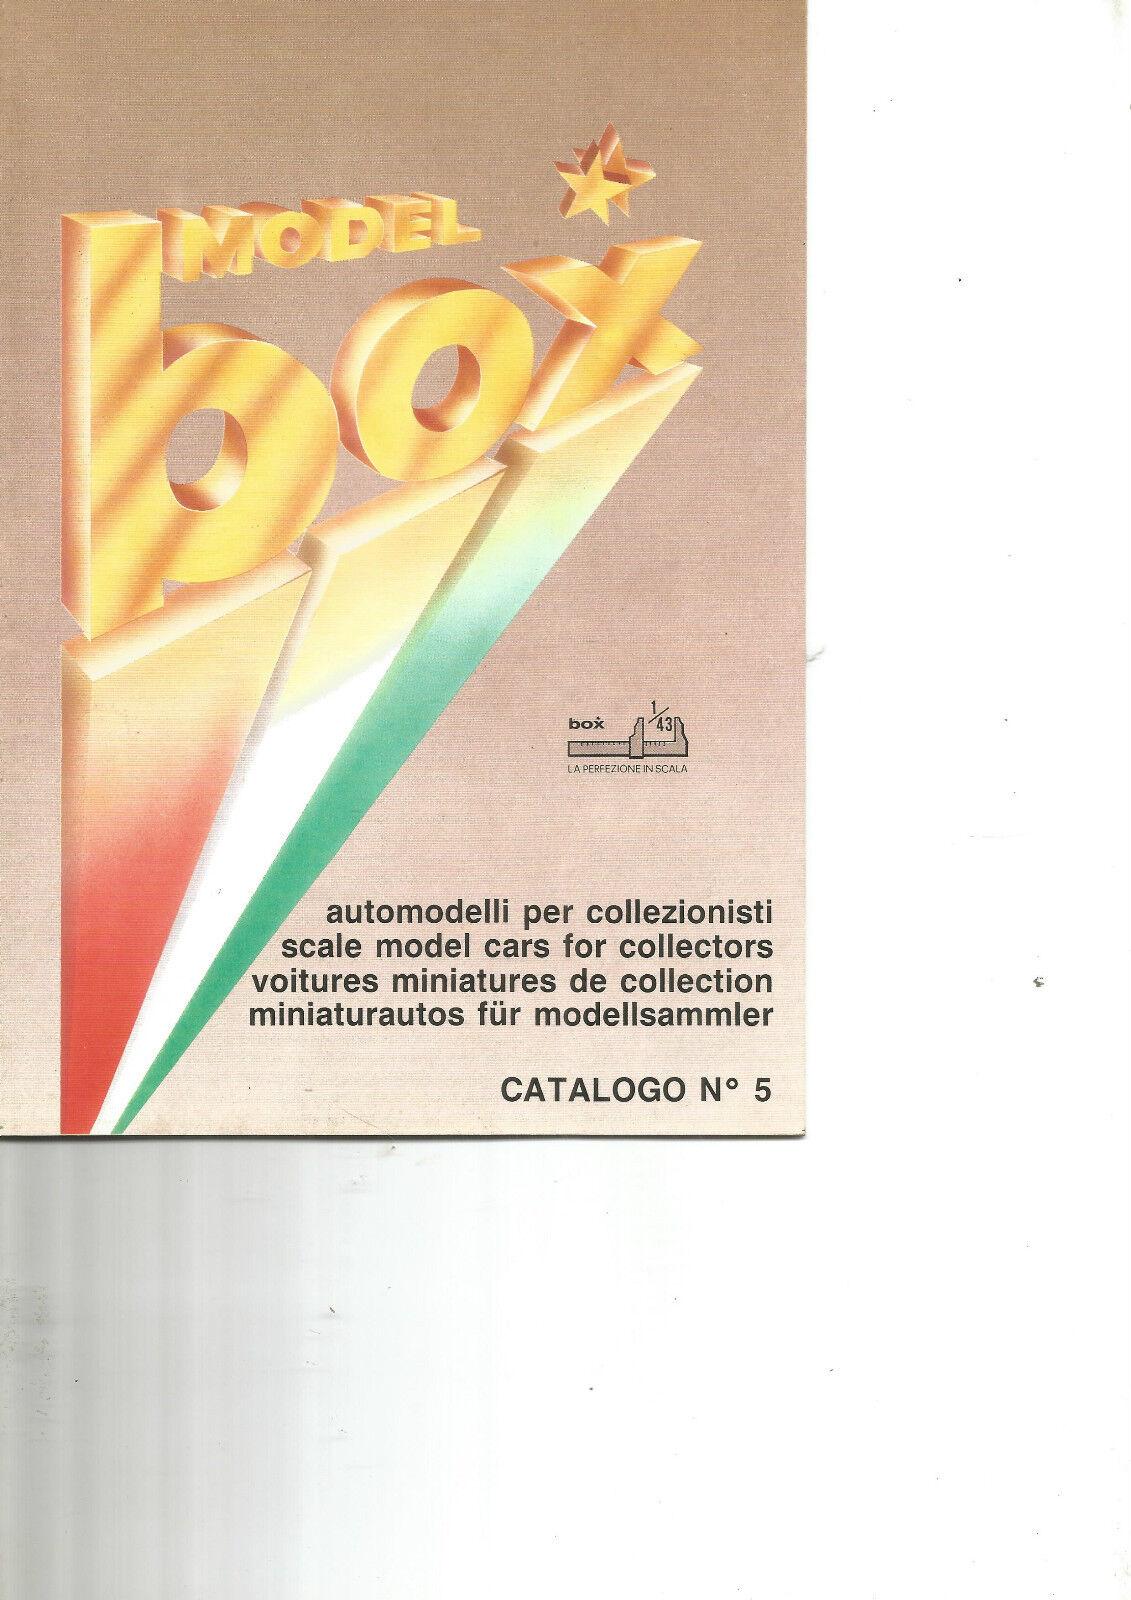 MODEL BOX - VOITURES MINIATURES DE COLLECTION AU 1 1 1 43ème  disfrutando de sus compras